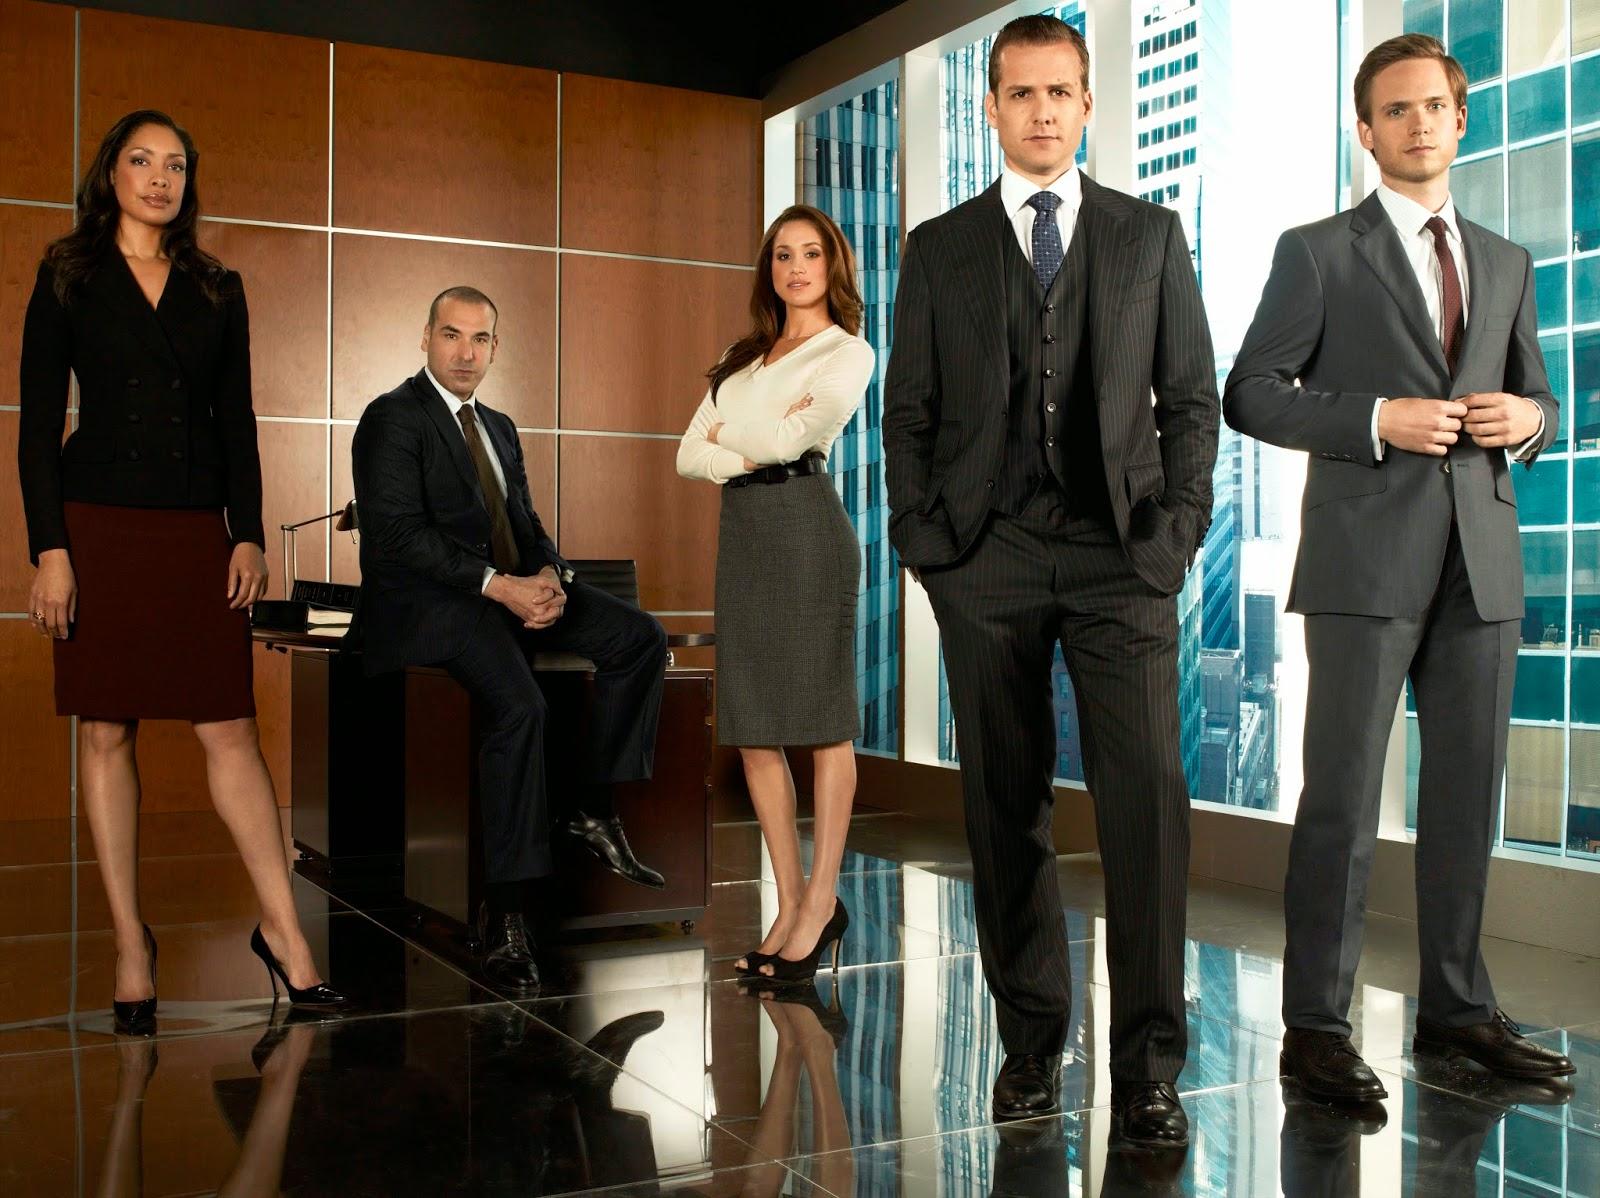 20 Leçons de management tirées de la série «Suits, Avocats sur mesure»